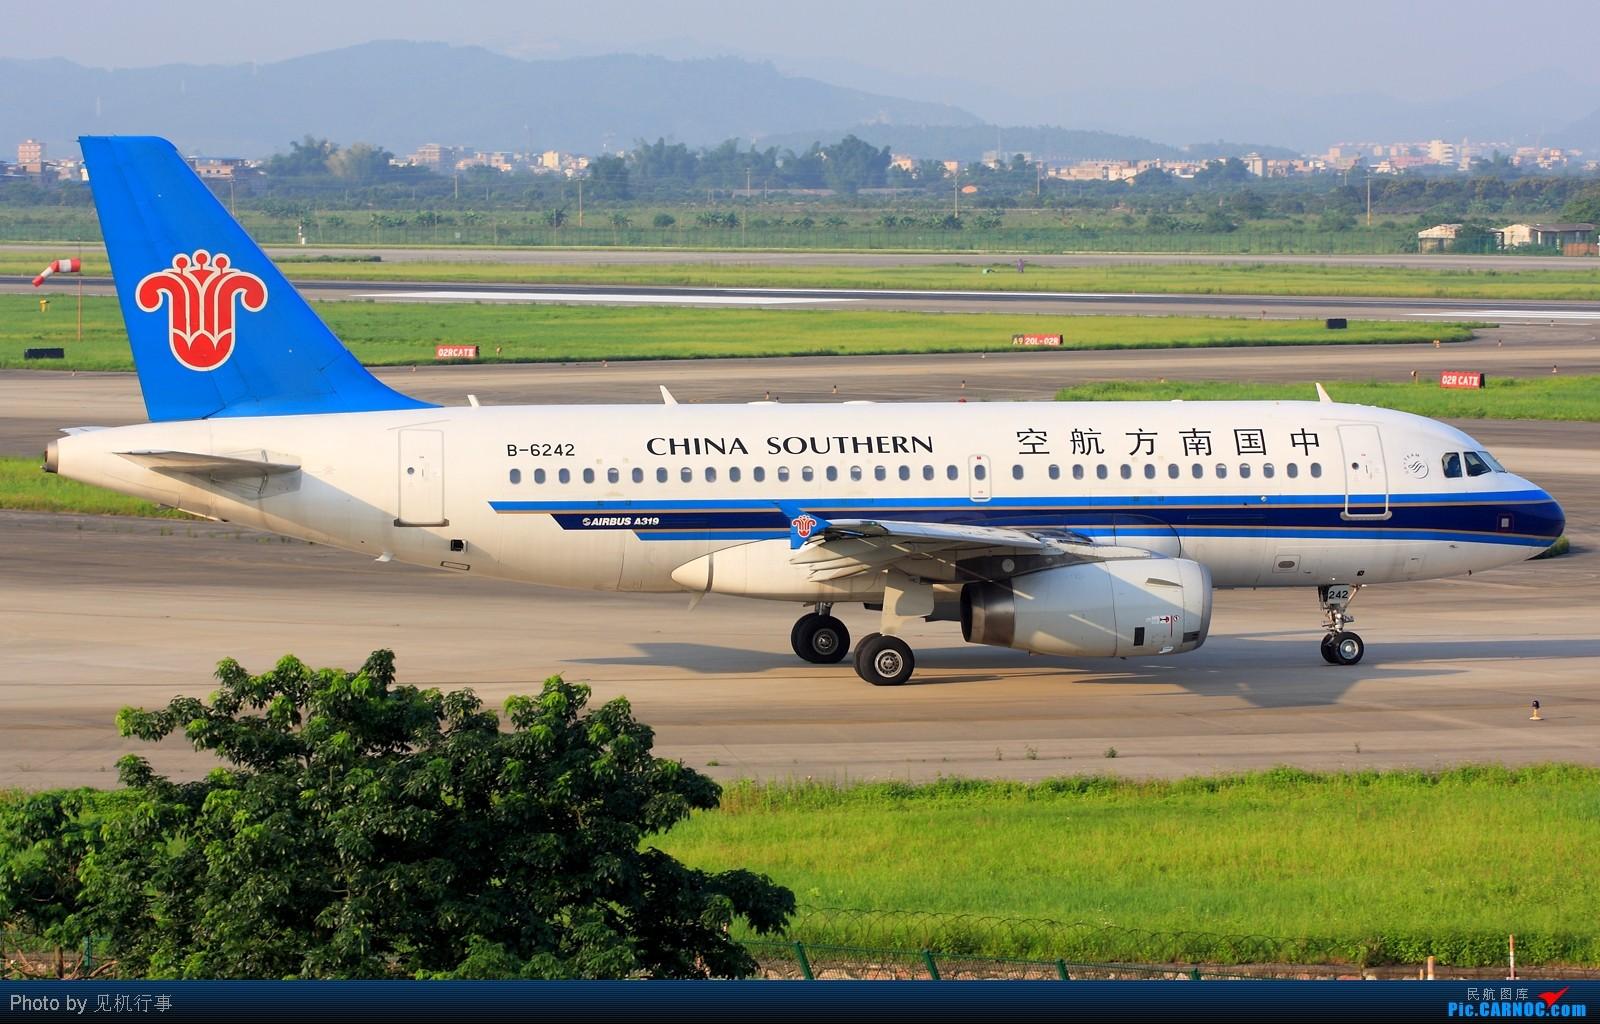 Re:[原创]【深圳飞友会】差点给这架飞机忽悠了!还以为是香港航空A330。看它前面是香港航空,看它后面是海南航空。不知道海航在搞什么名堂。 AIRBUS A319-100 B-6242 中国广州白云机场